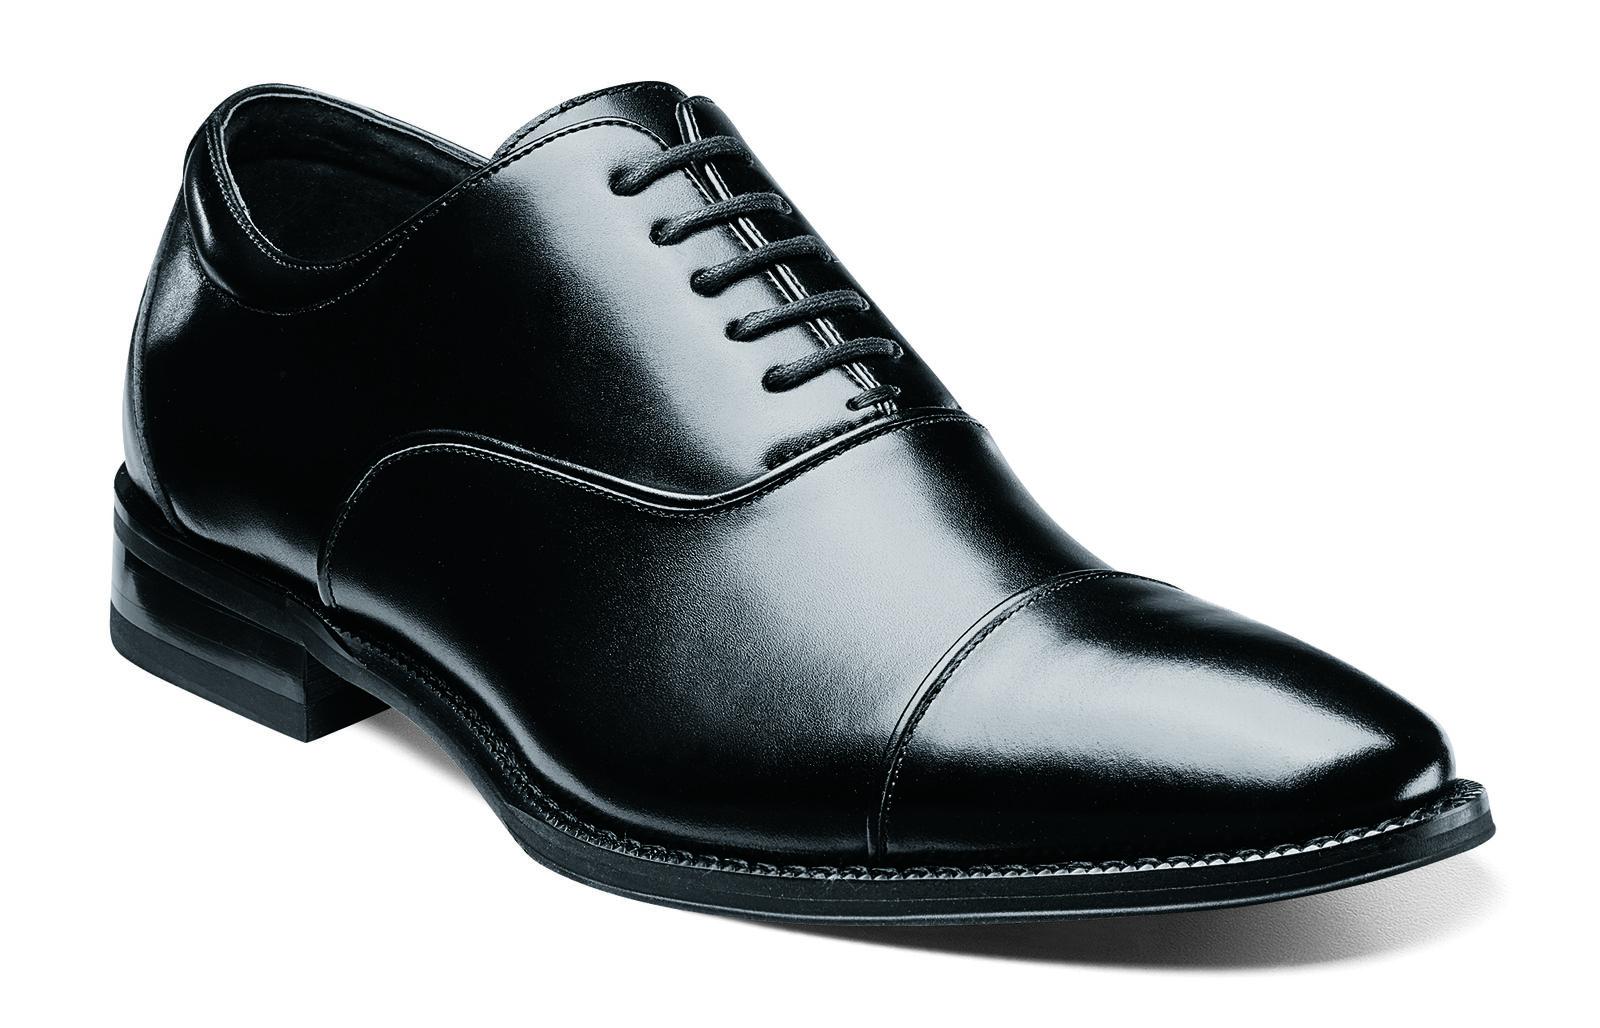 protezione post-vendita Stacy Adams Uomo nero Kordell Kordell Kordell Leather Cap Toe Business Casual Oxford Dress Shoe  alla moda